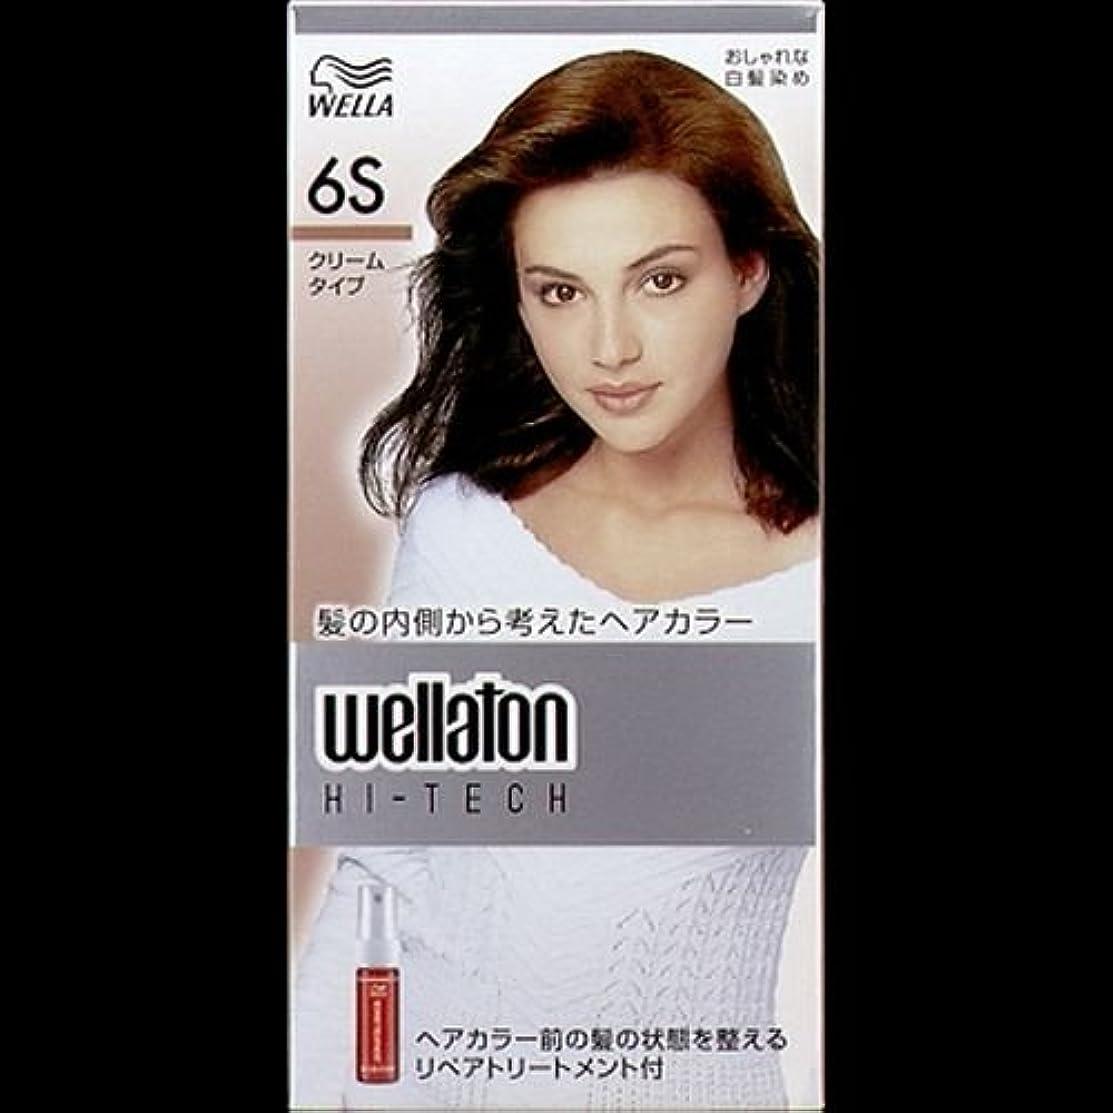 シェル創傷統合【まとめ買い】ウエラトーン ハイテッククリーム 6S ×2セット